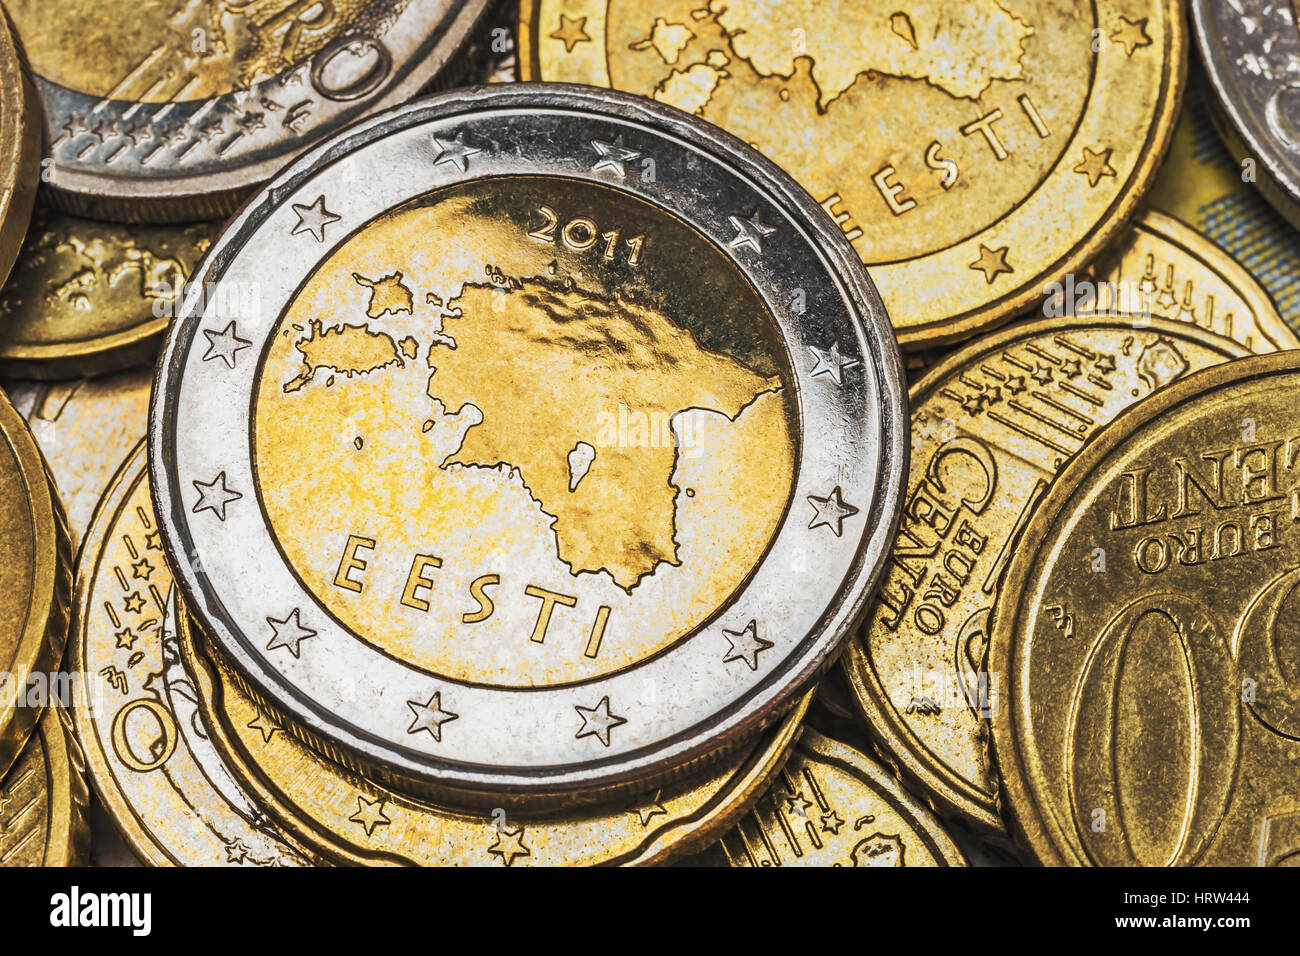 Viele Von Estland Euro Muenzen Oben Auf Liegt Eine 2 Euro Muenze